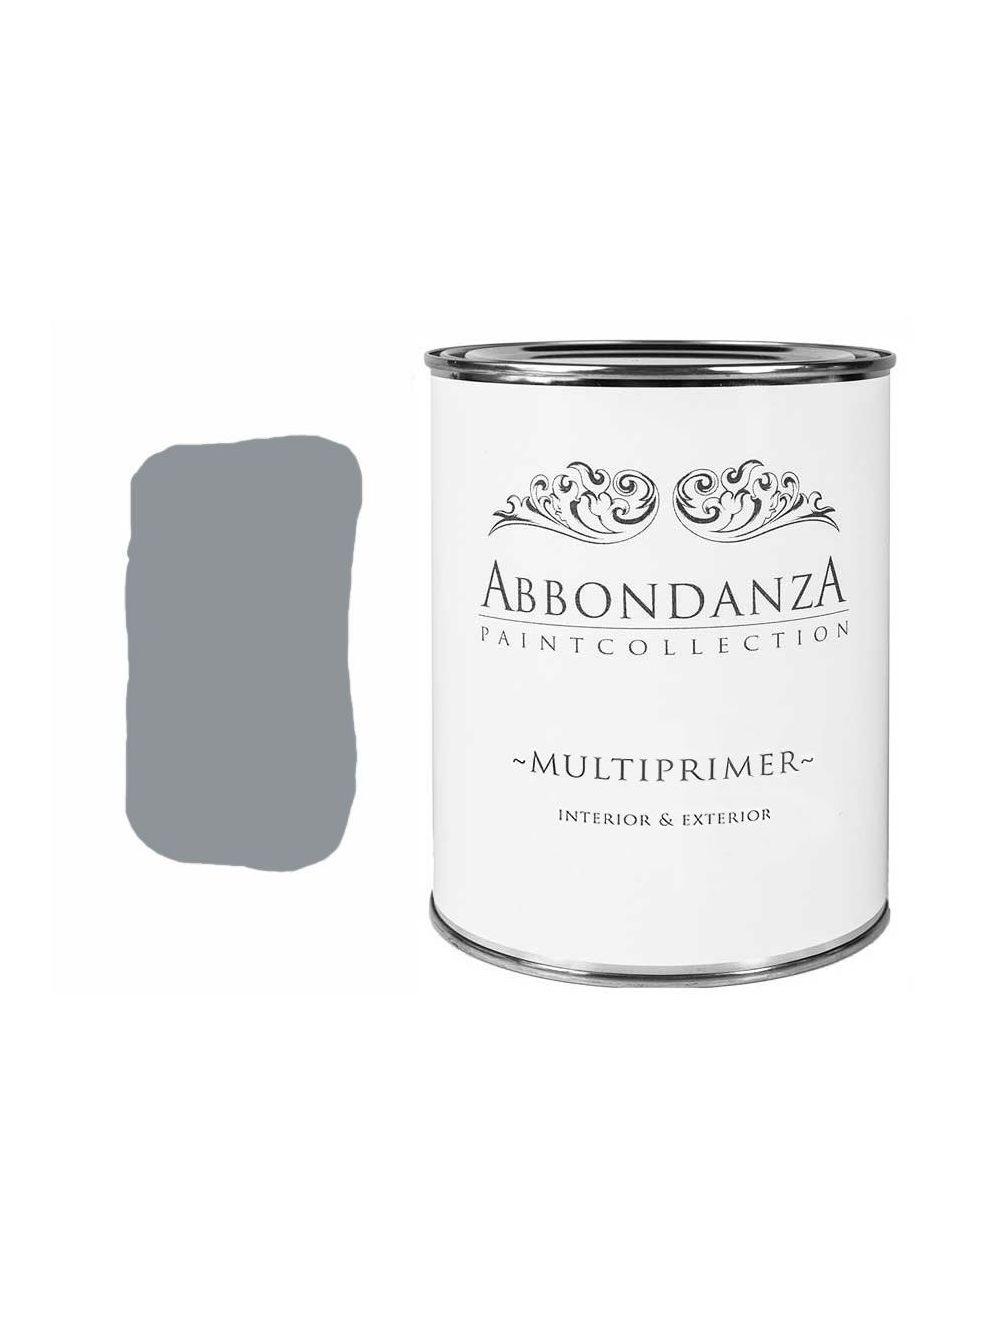 Abbondanza Multiprimer Dark grondverf voor binnen en